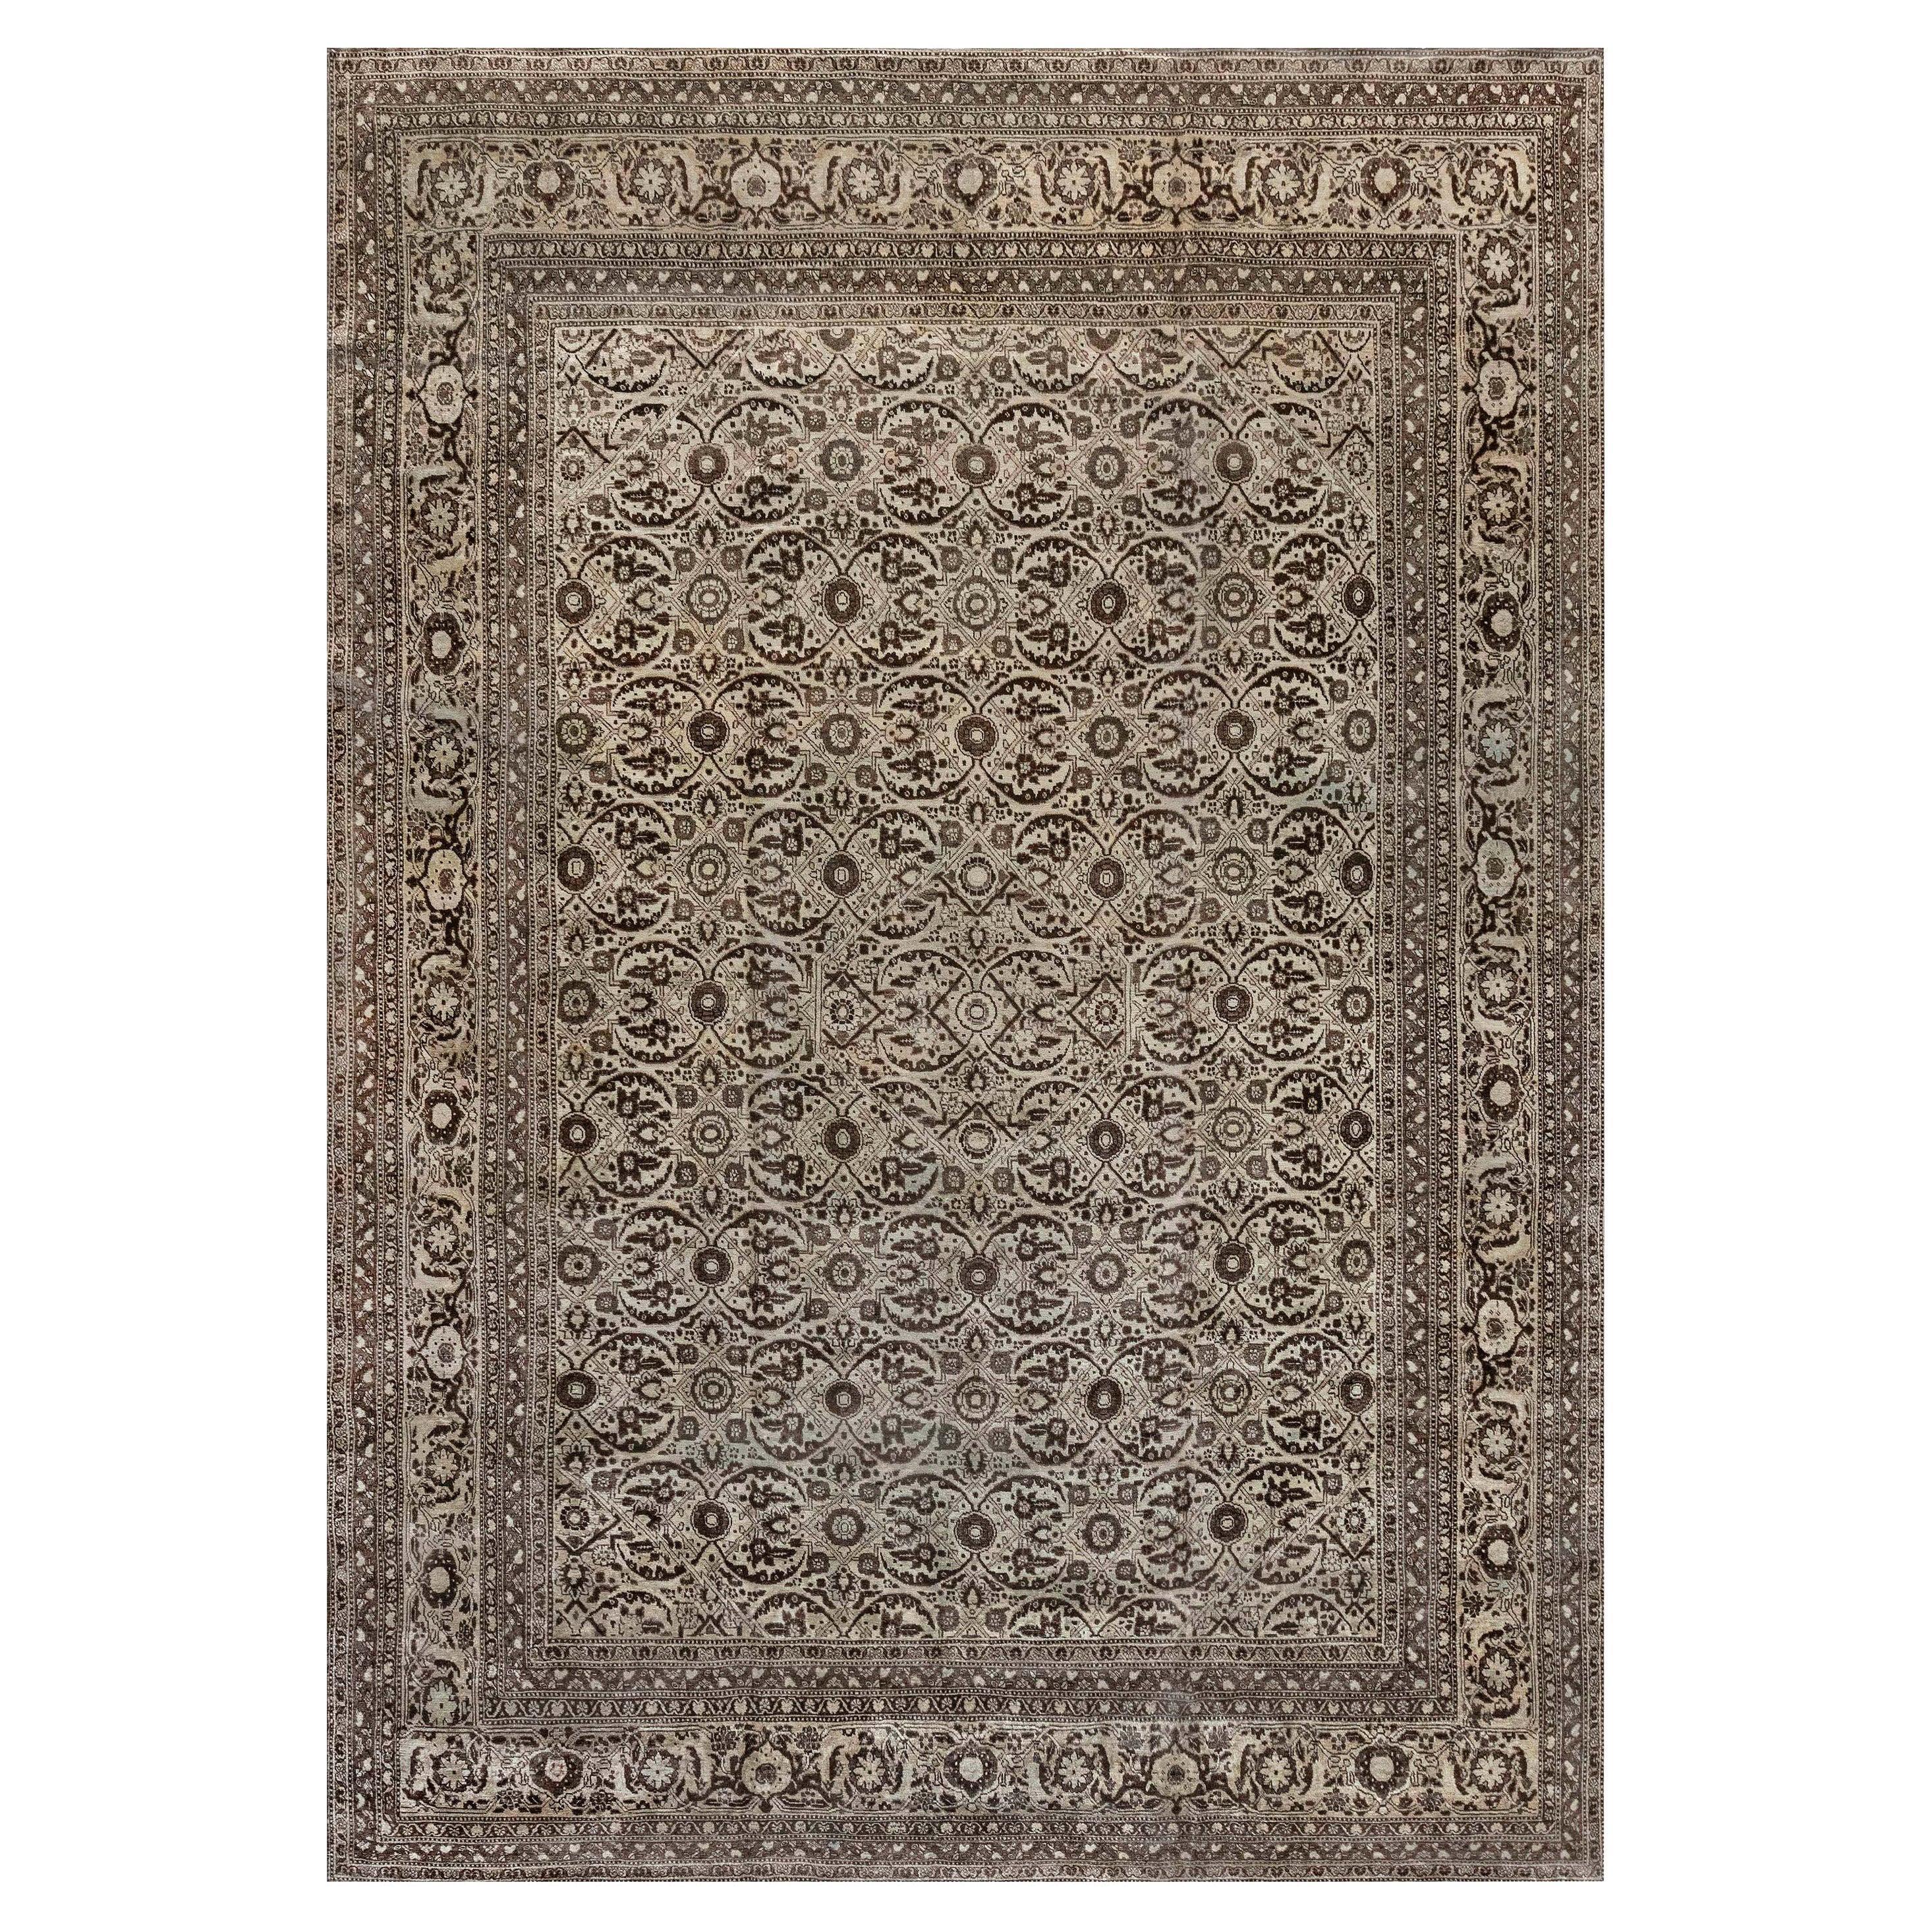 1900s Persian Tabriz Handmade Carpet